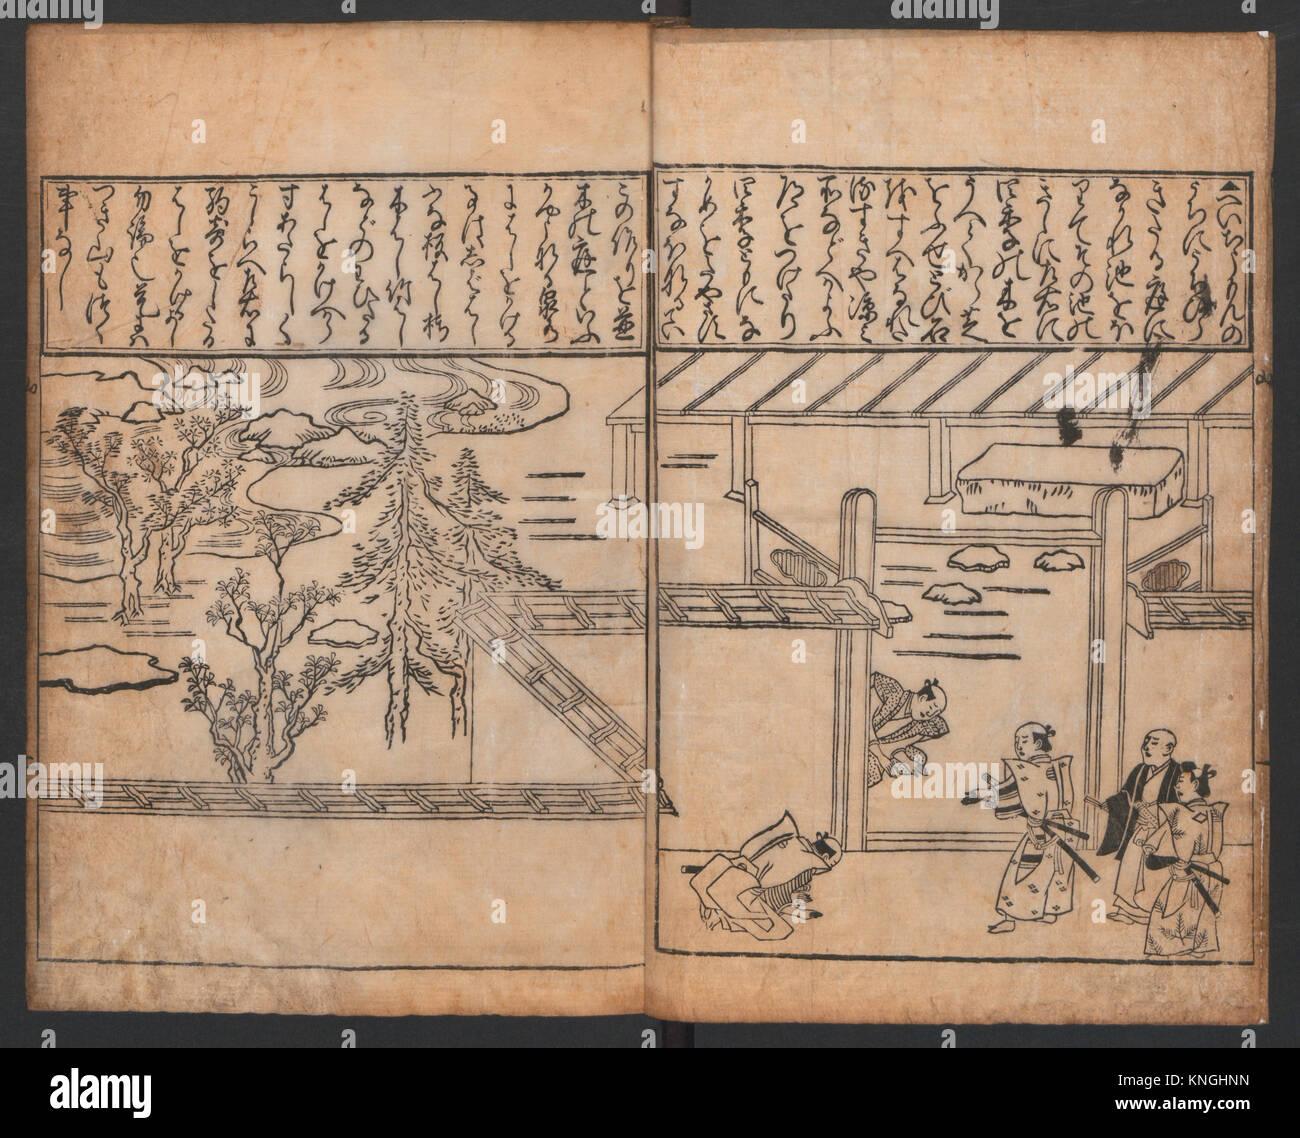 築山図庭画畫 余慶作り庭の図/A - Stock Image